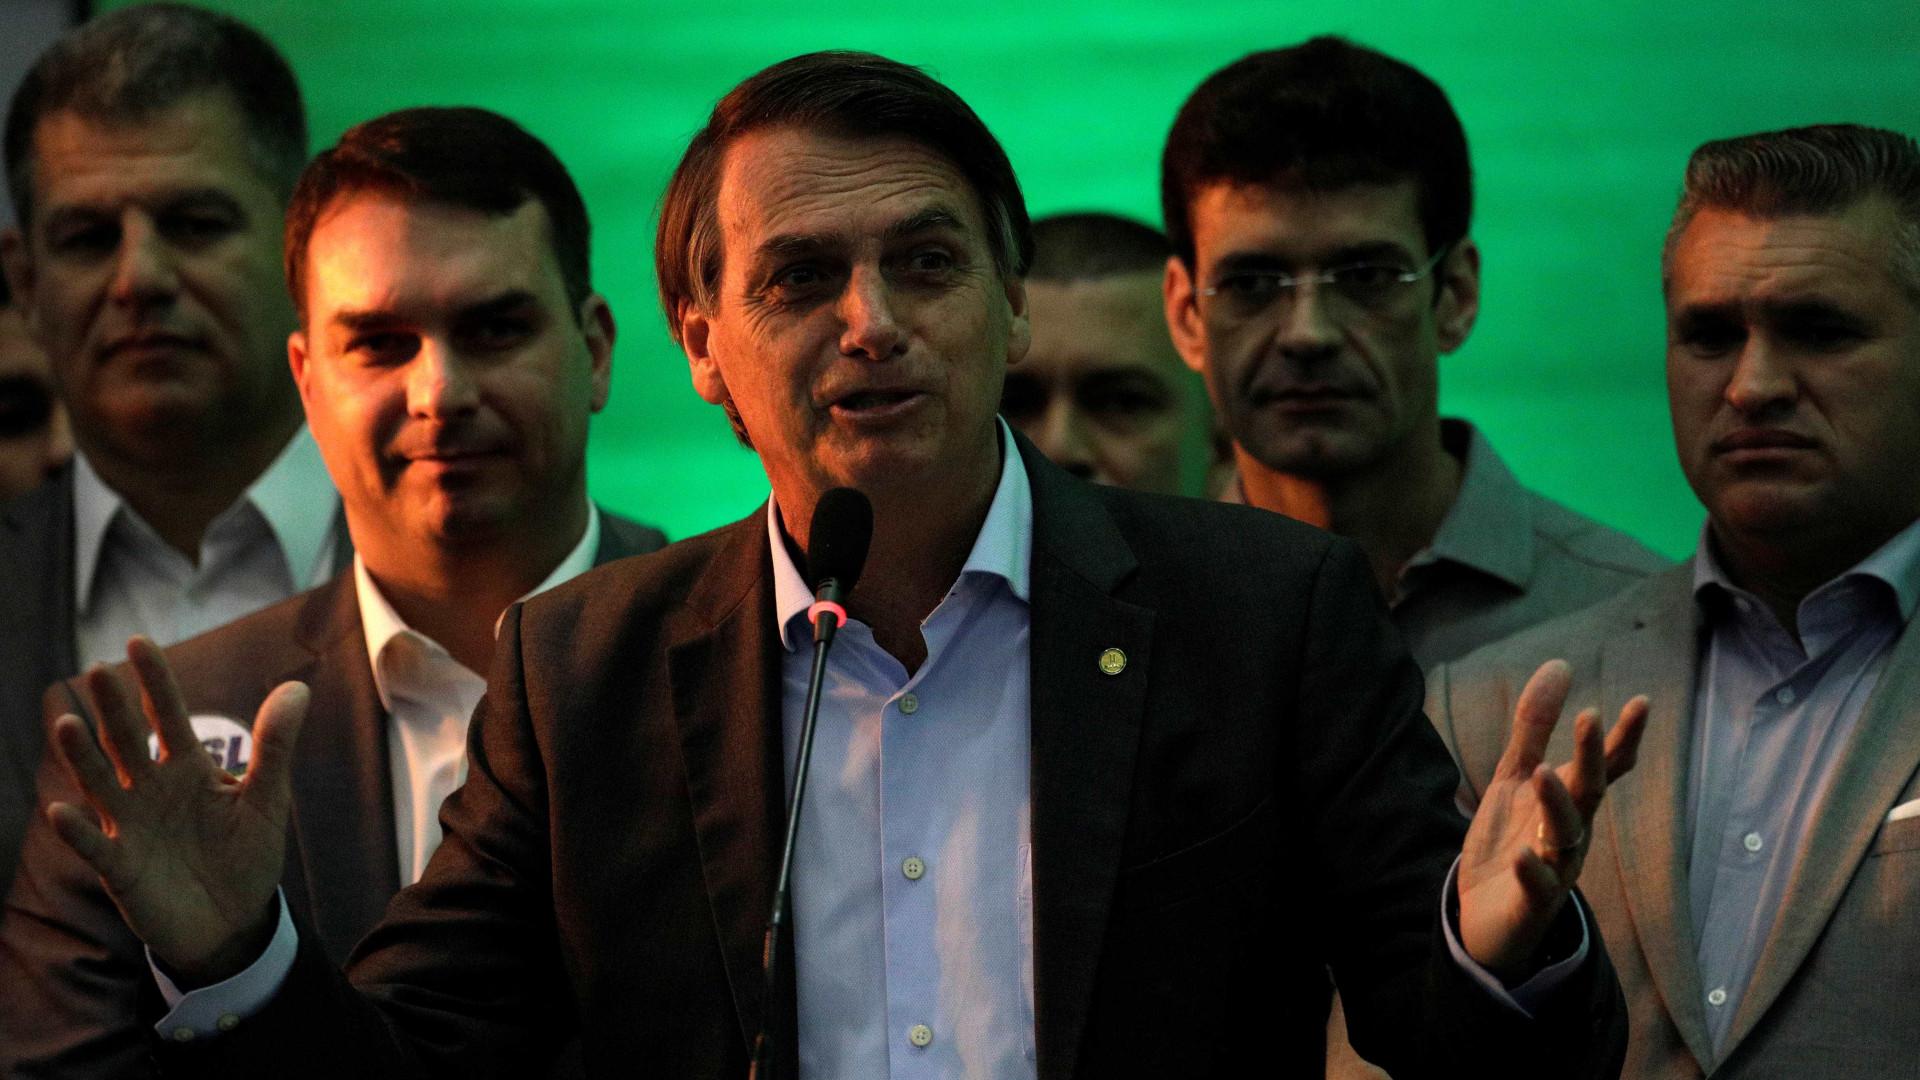 Em 1º discurso como candidato, Bolsonaro diz não ser salvador da pátria